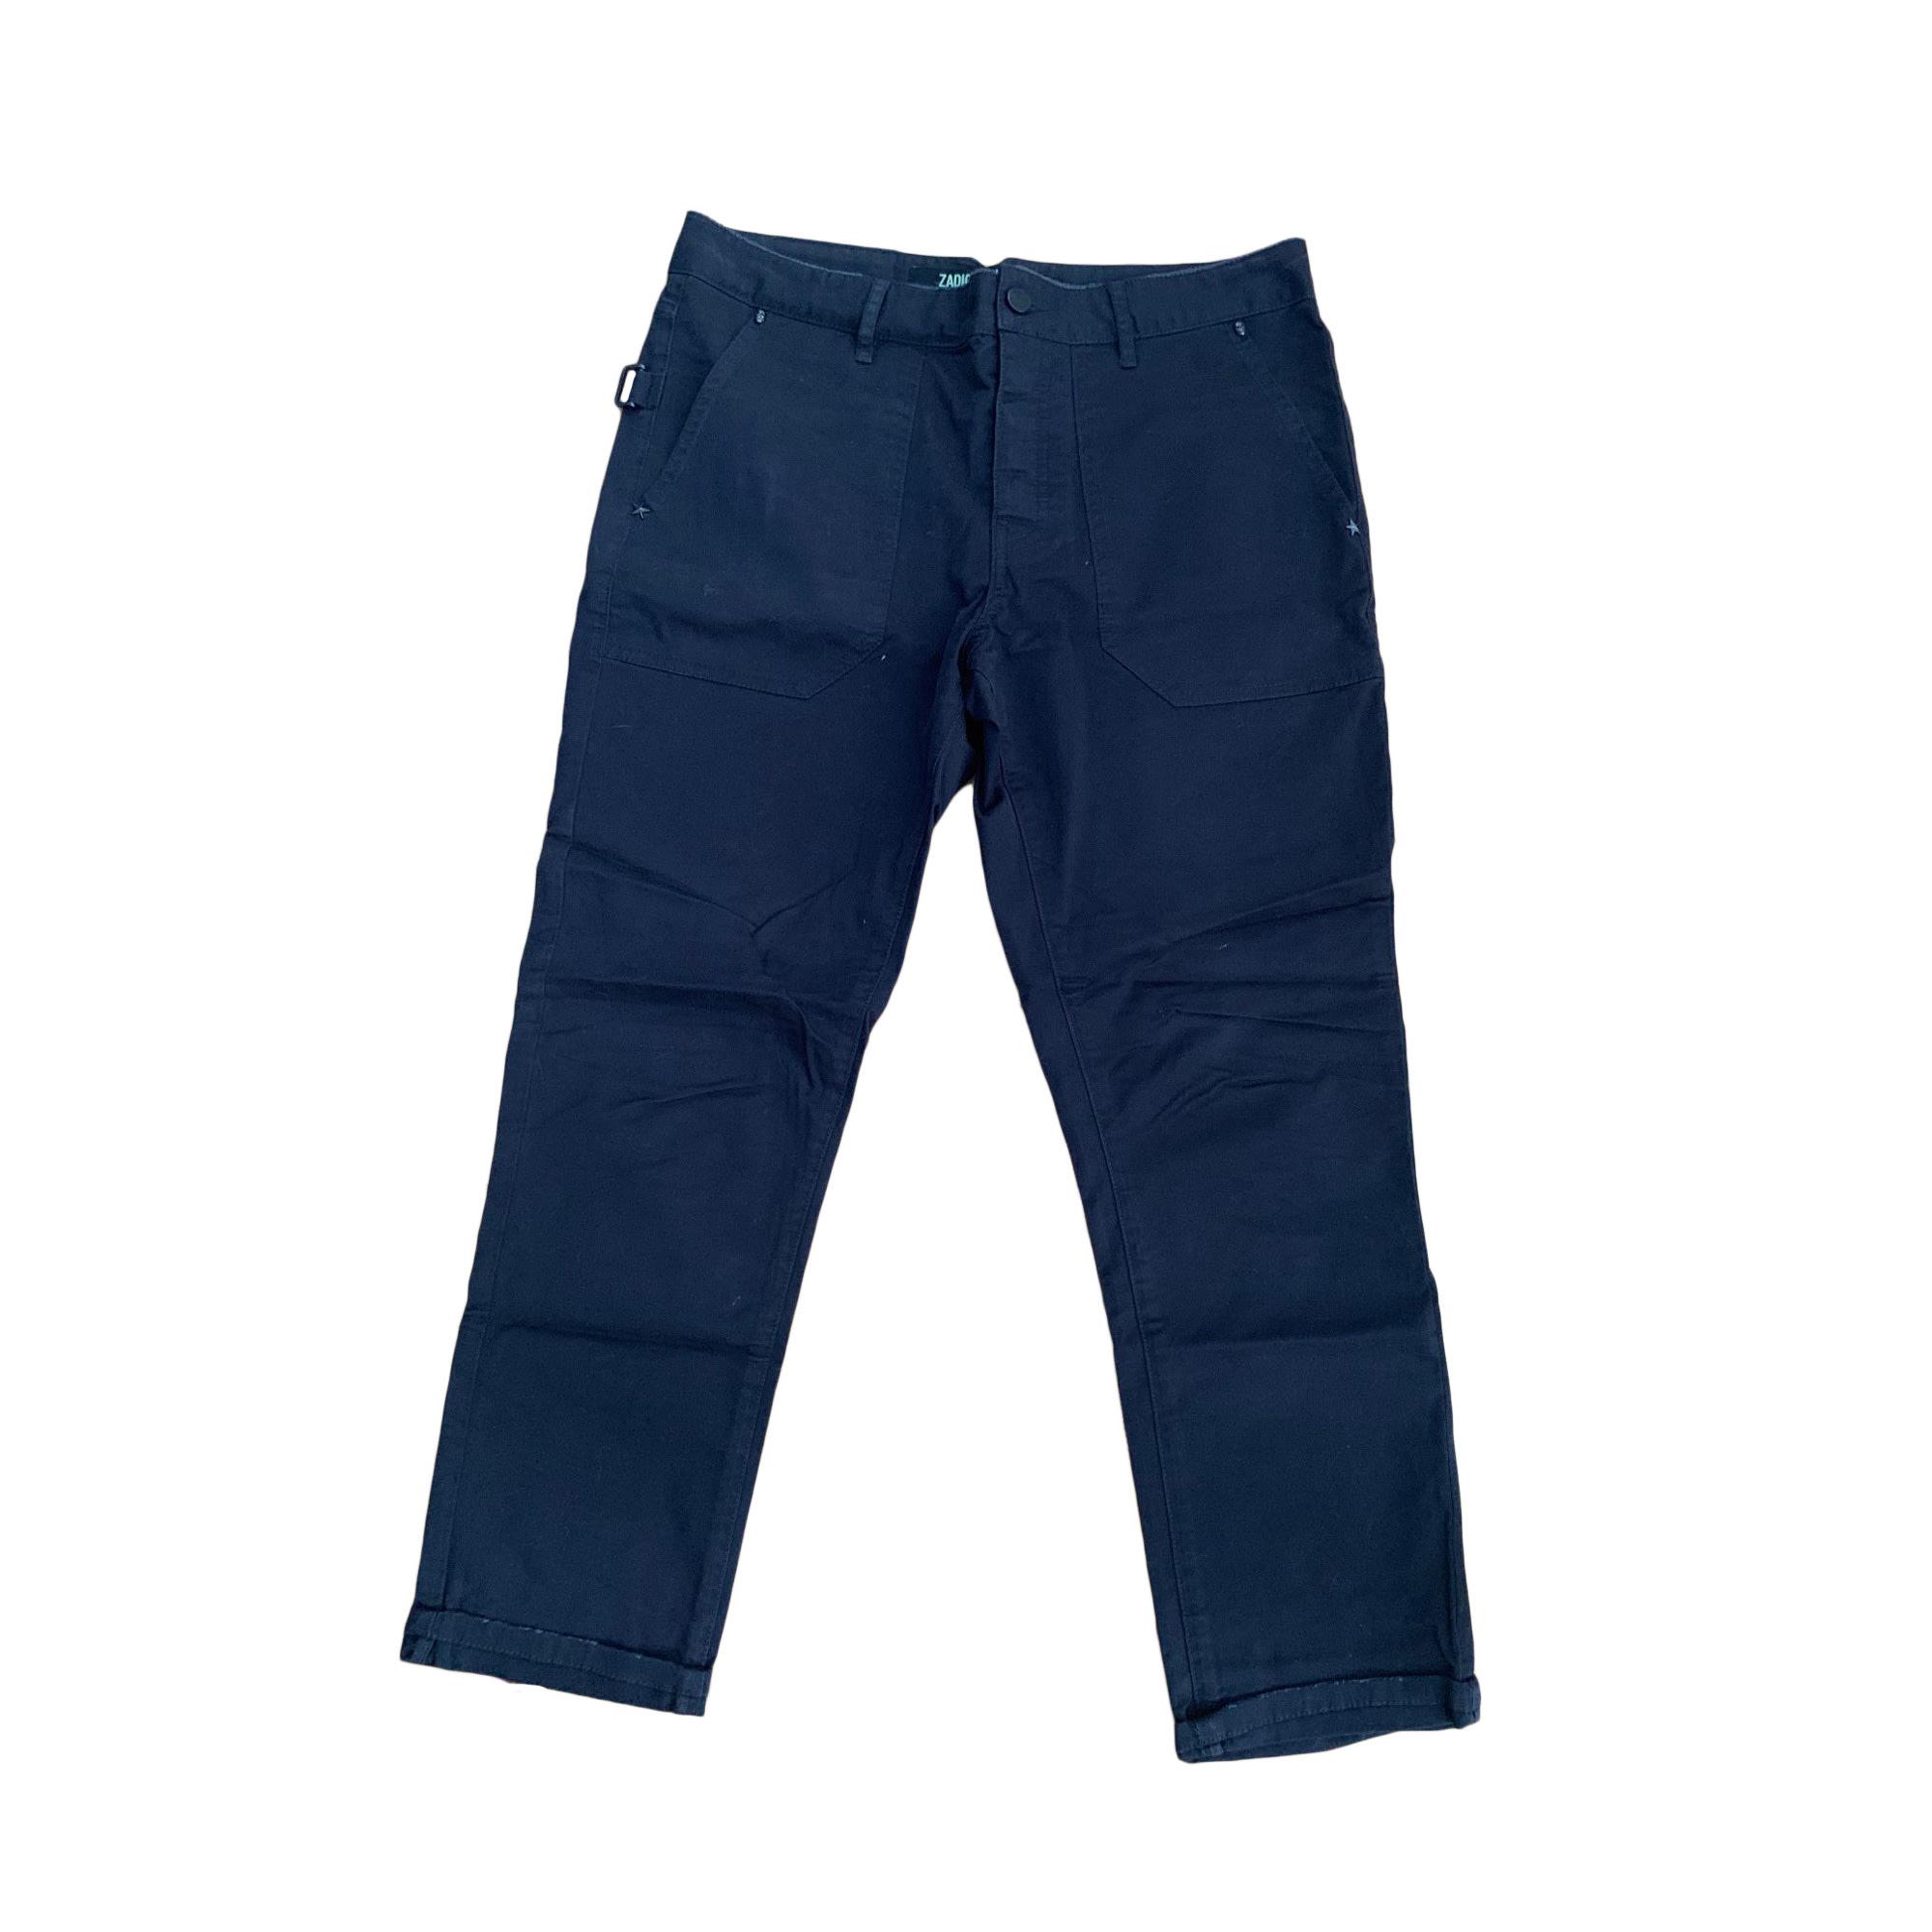 Pantalon large ZADIG & VOLTAIRE Gris, anthracite